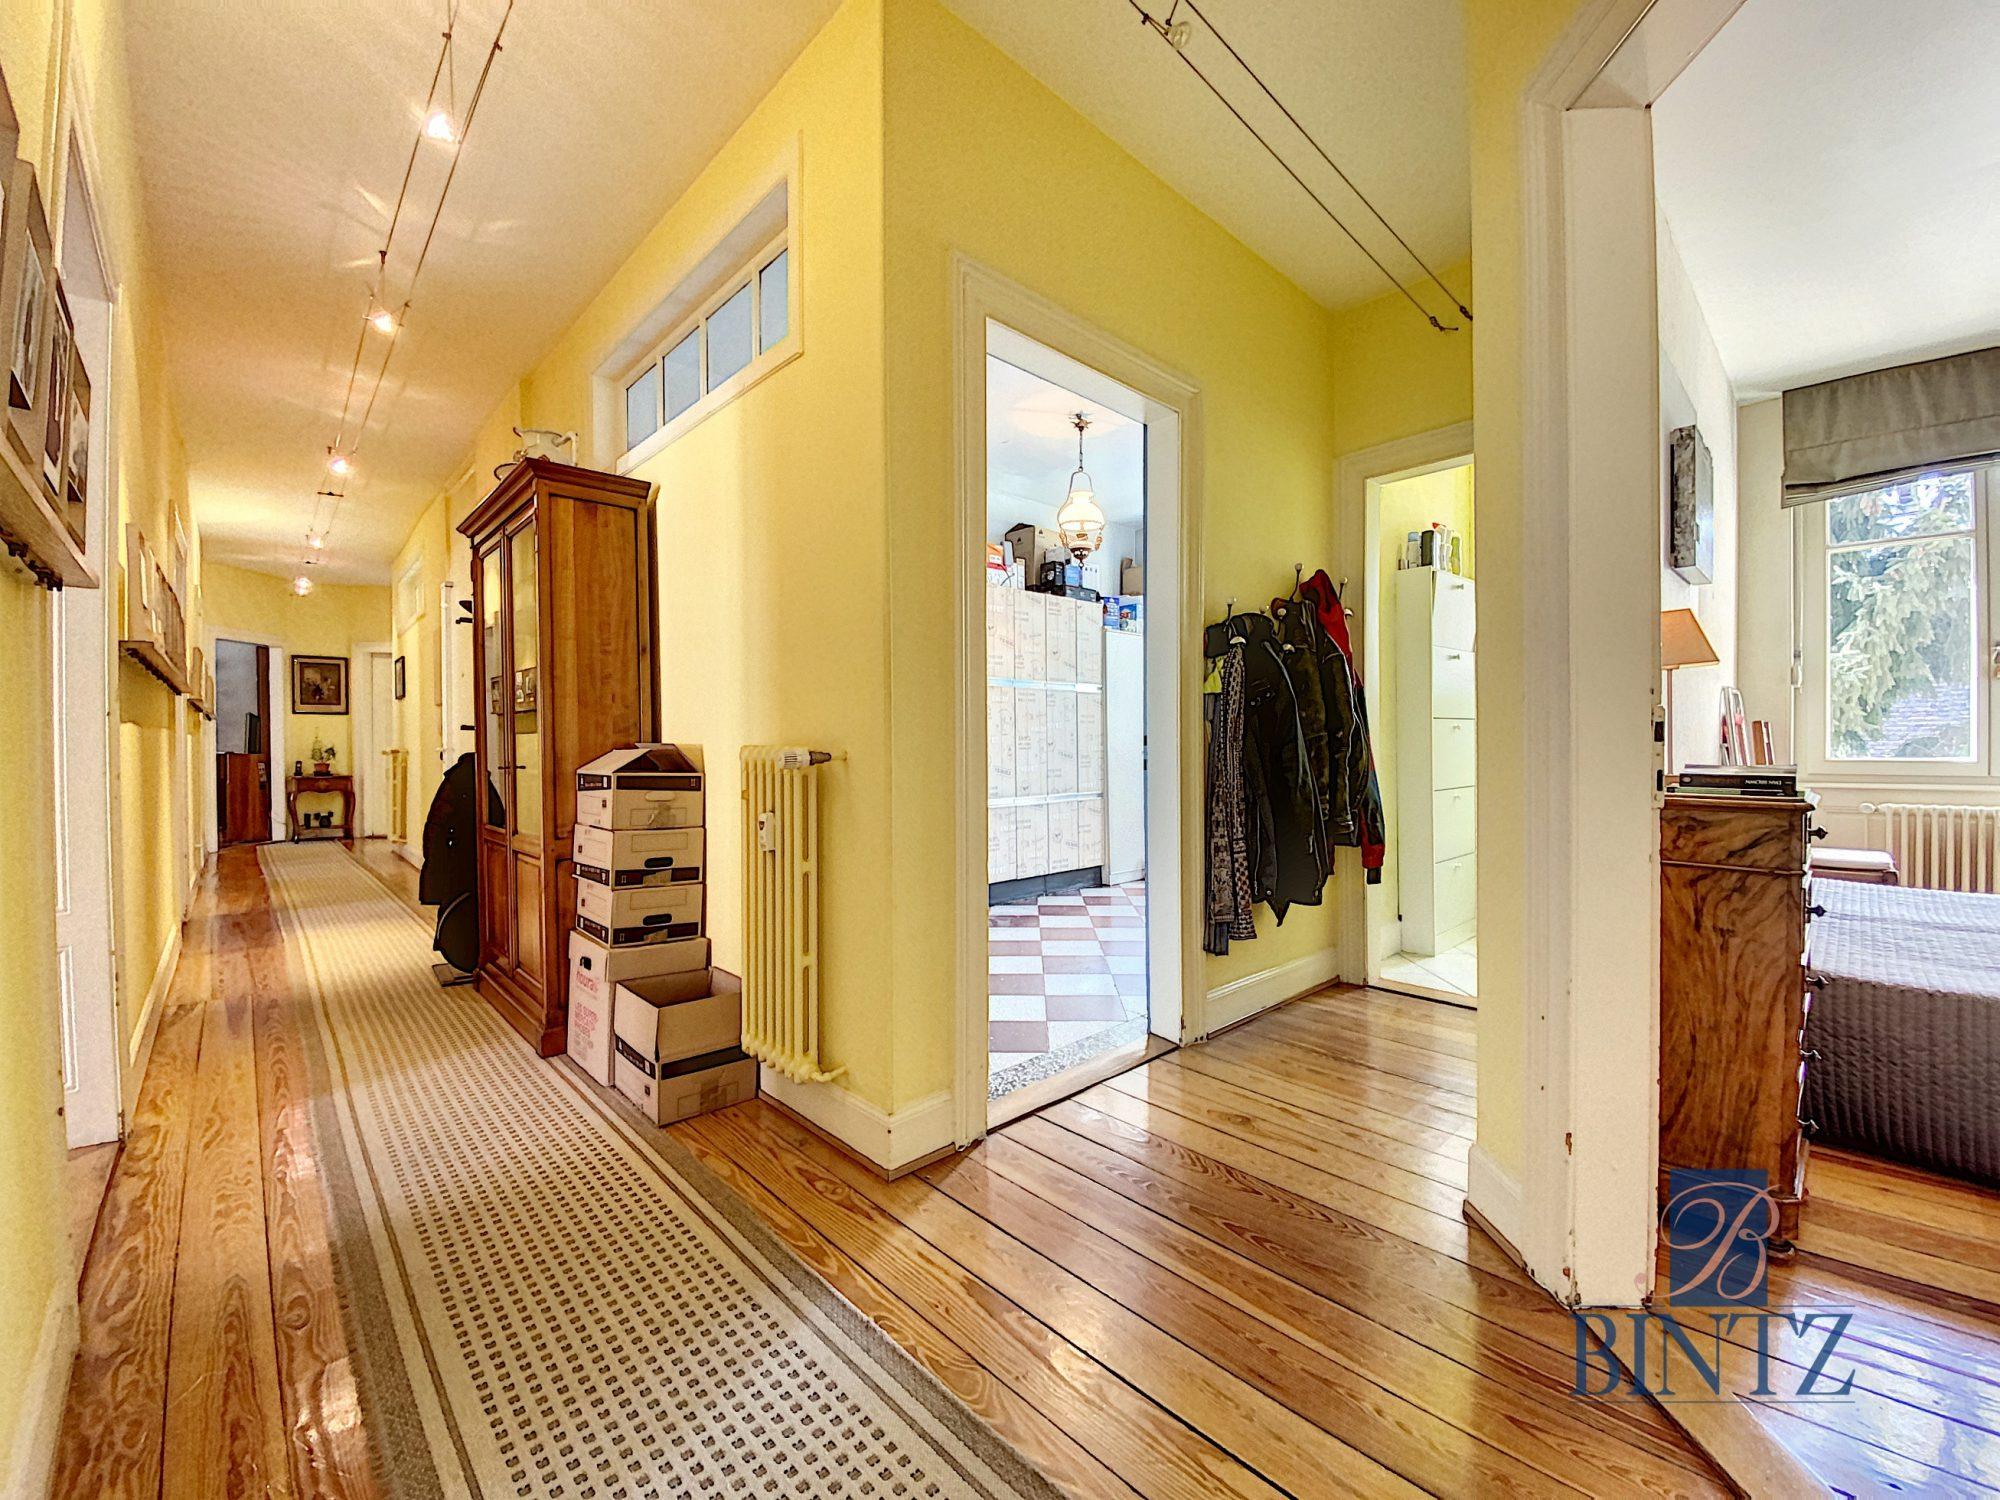 Appartement de 7 pièces – Rue Schwendi - Devenez propriétaire en toute confiance - Bintz Immobilier - 8